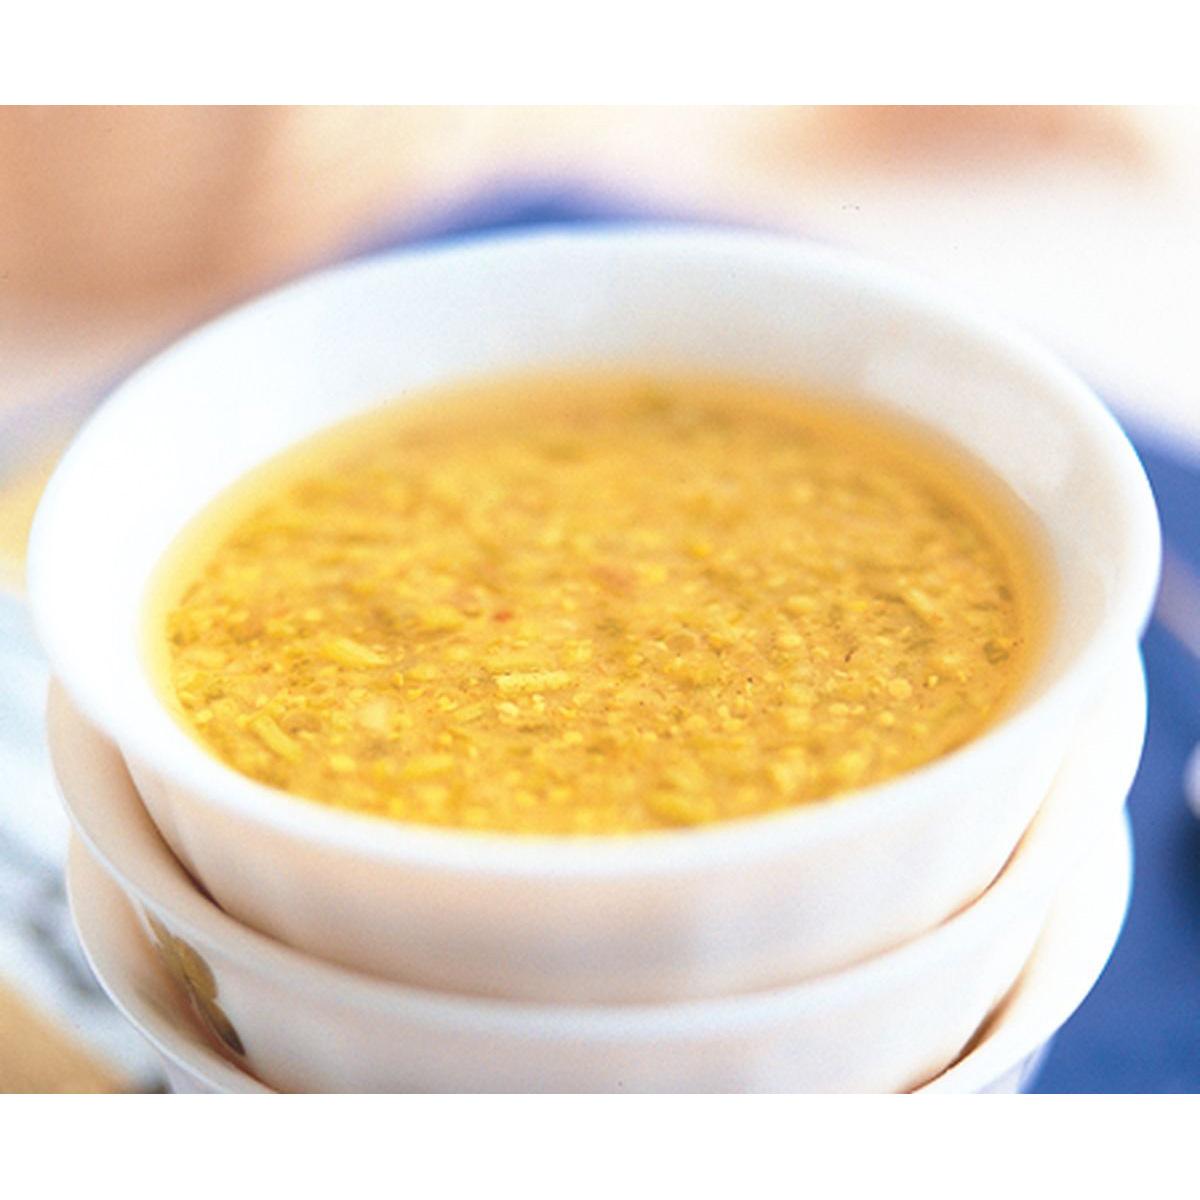 食譜:大蒜油醋汁